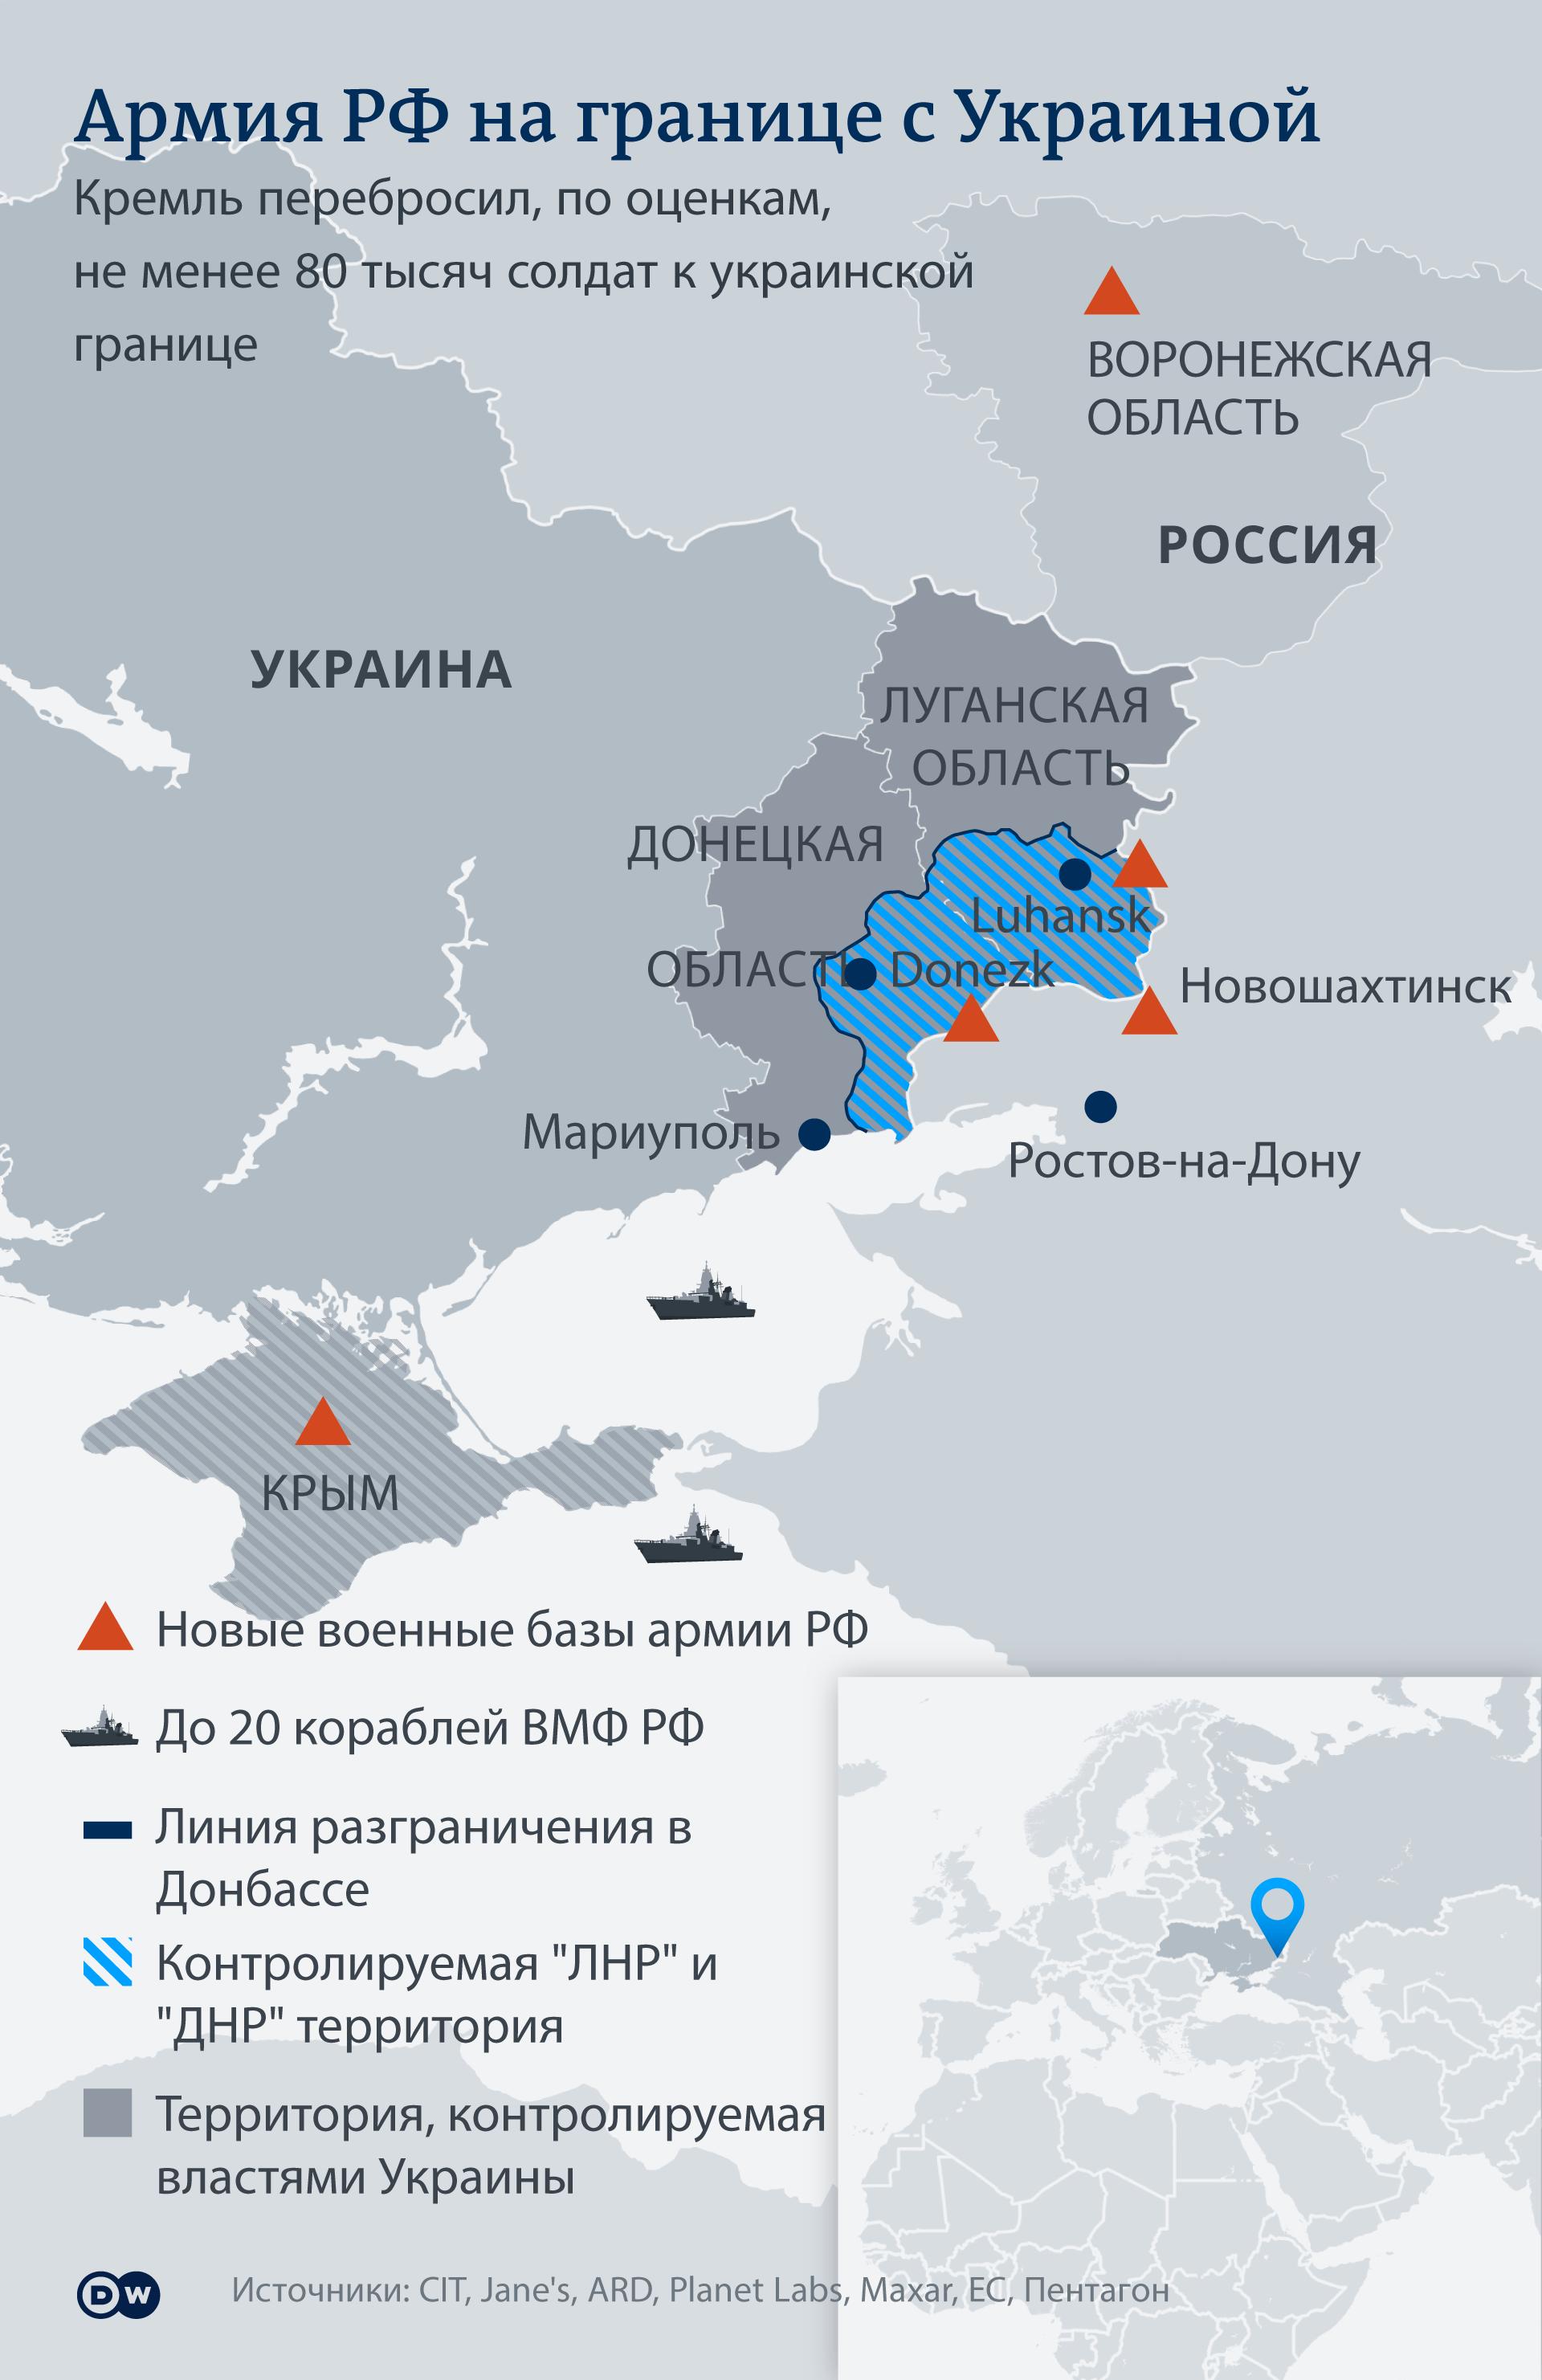 Инфографика: армия РФ на границе с Украиной